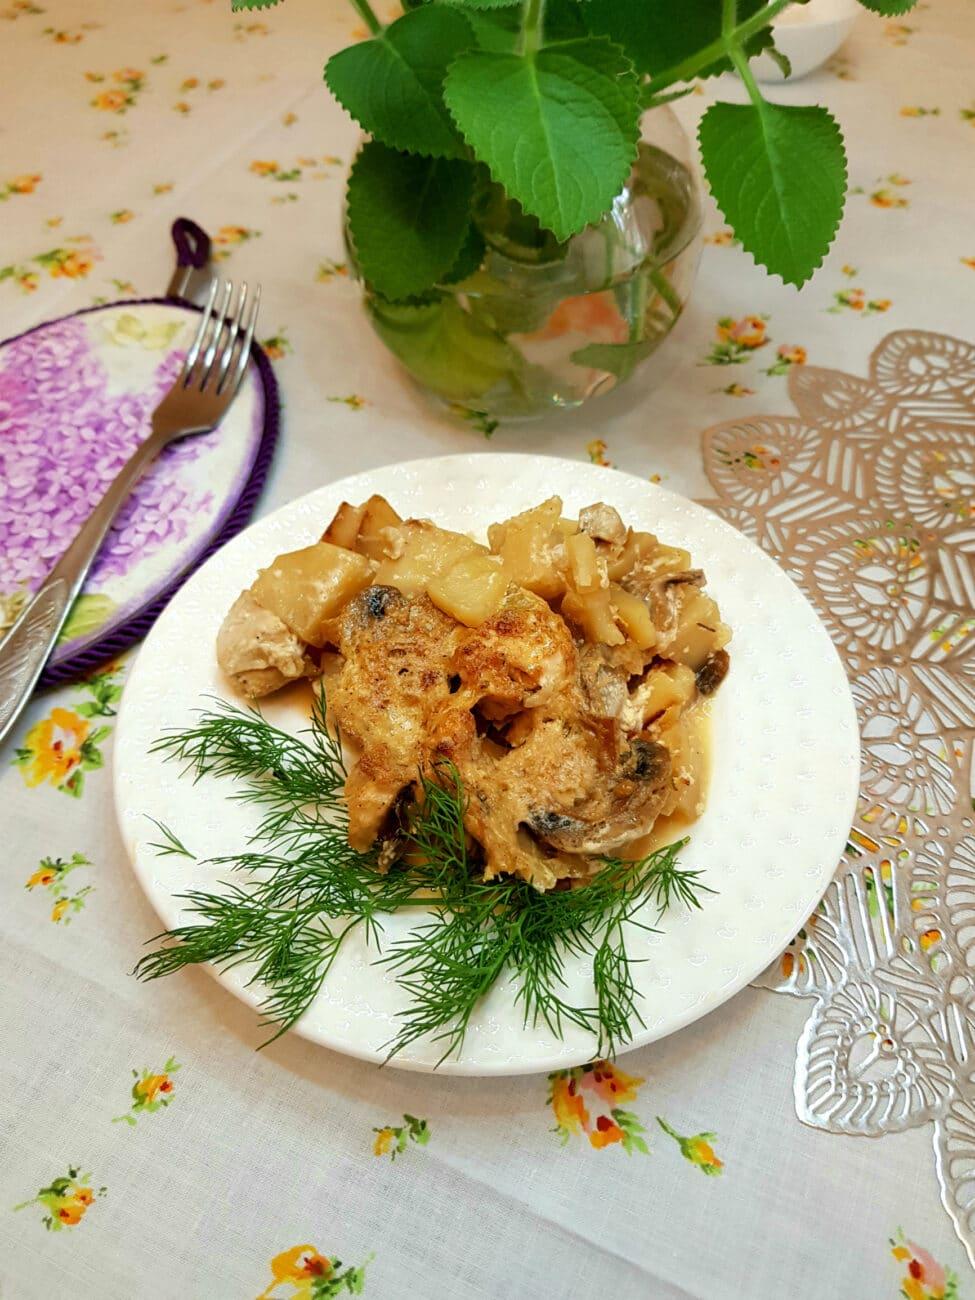 Картофель с шампиньонами и куриной грудкой в сливочном соусе